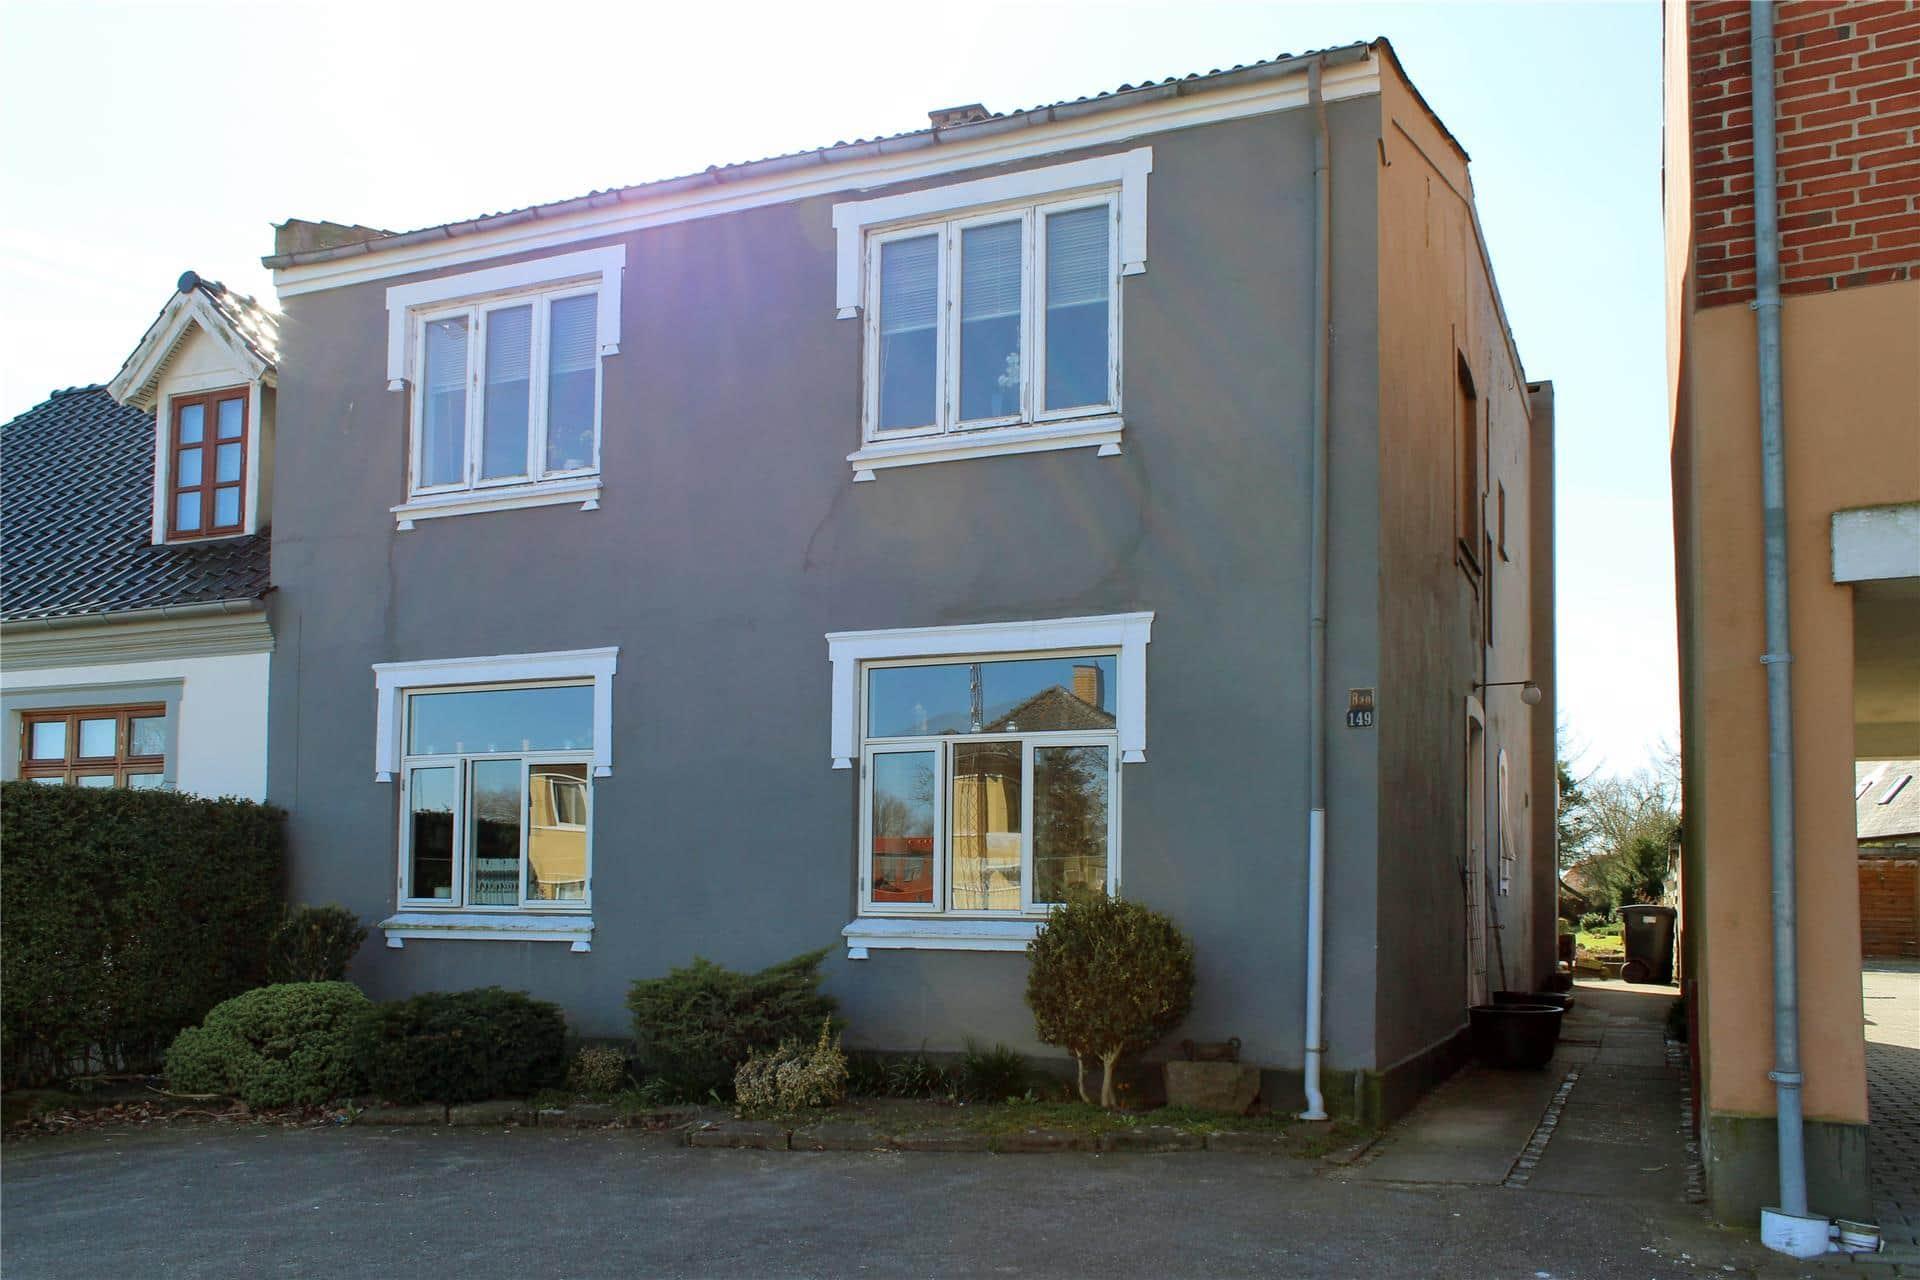 Billede 1-3 Sommerhus M64276, Brovejen 149, DK - 5500 Middelfart